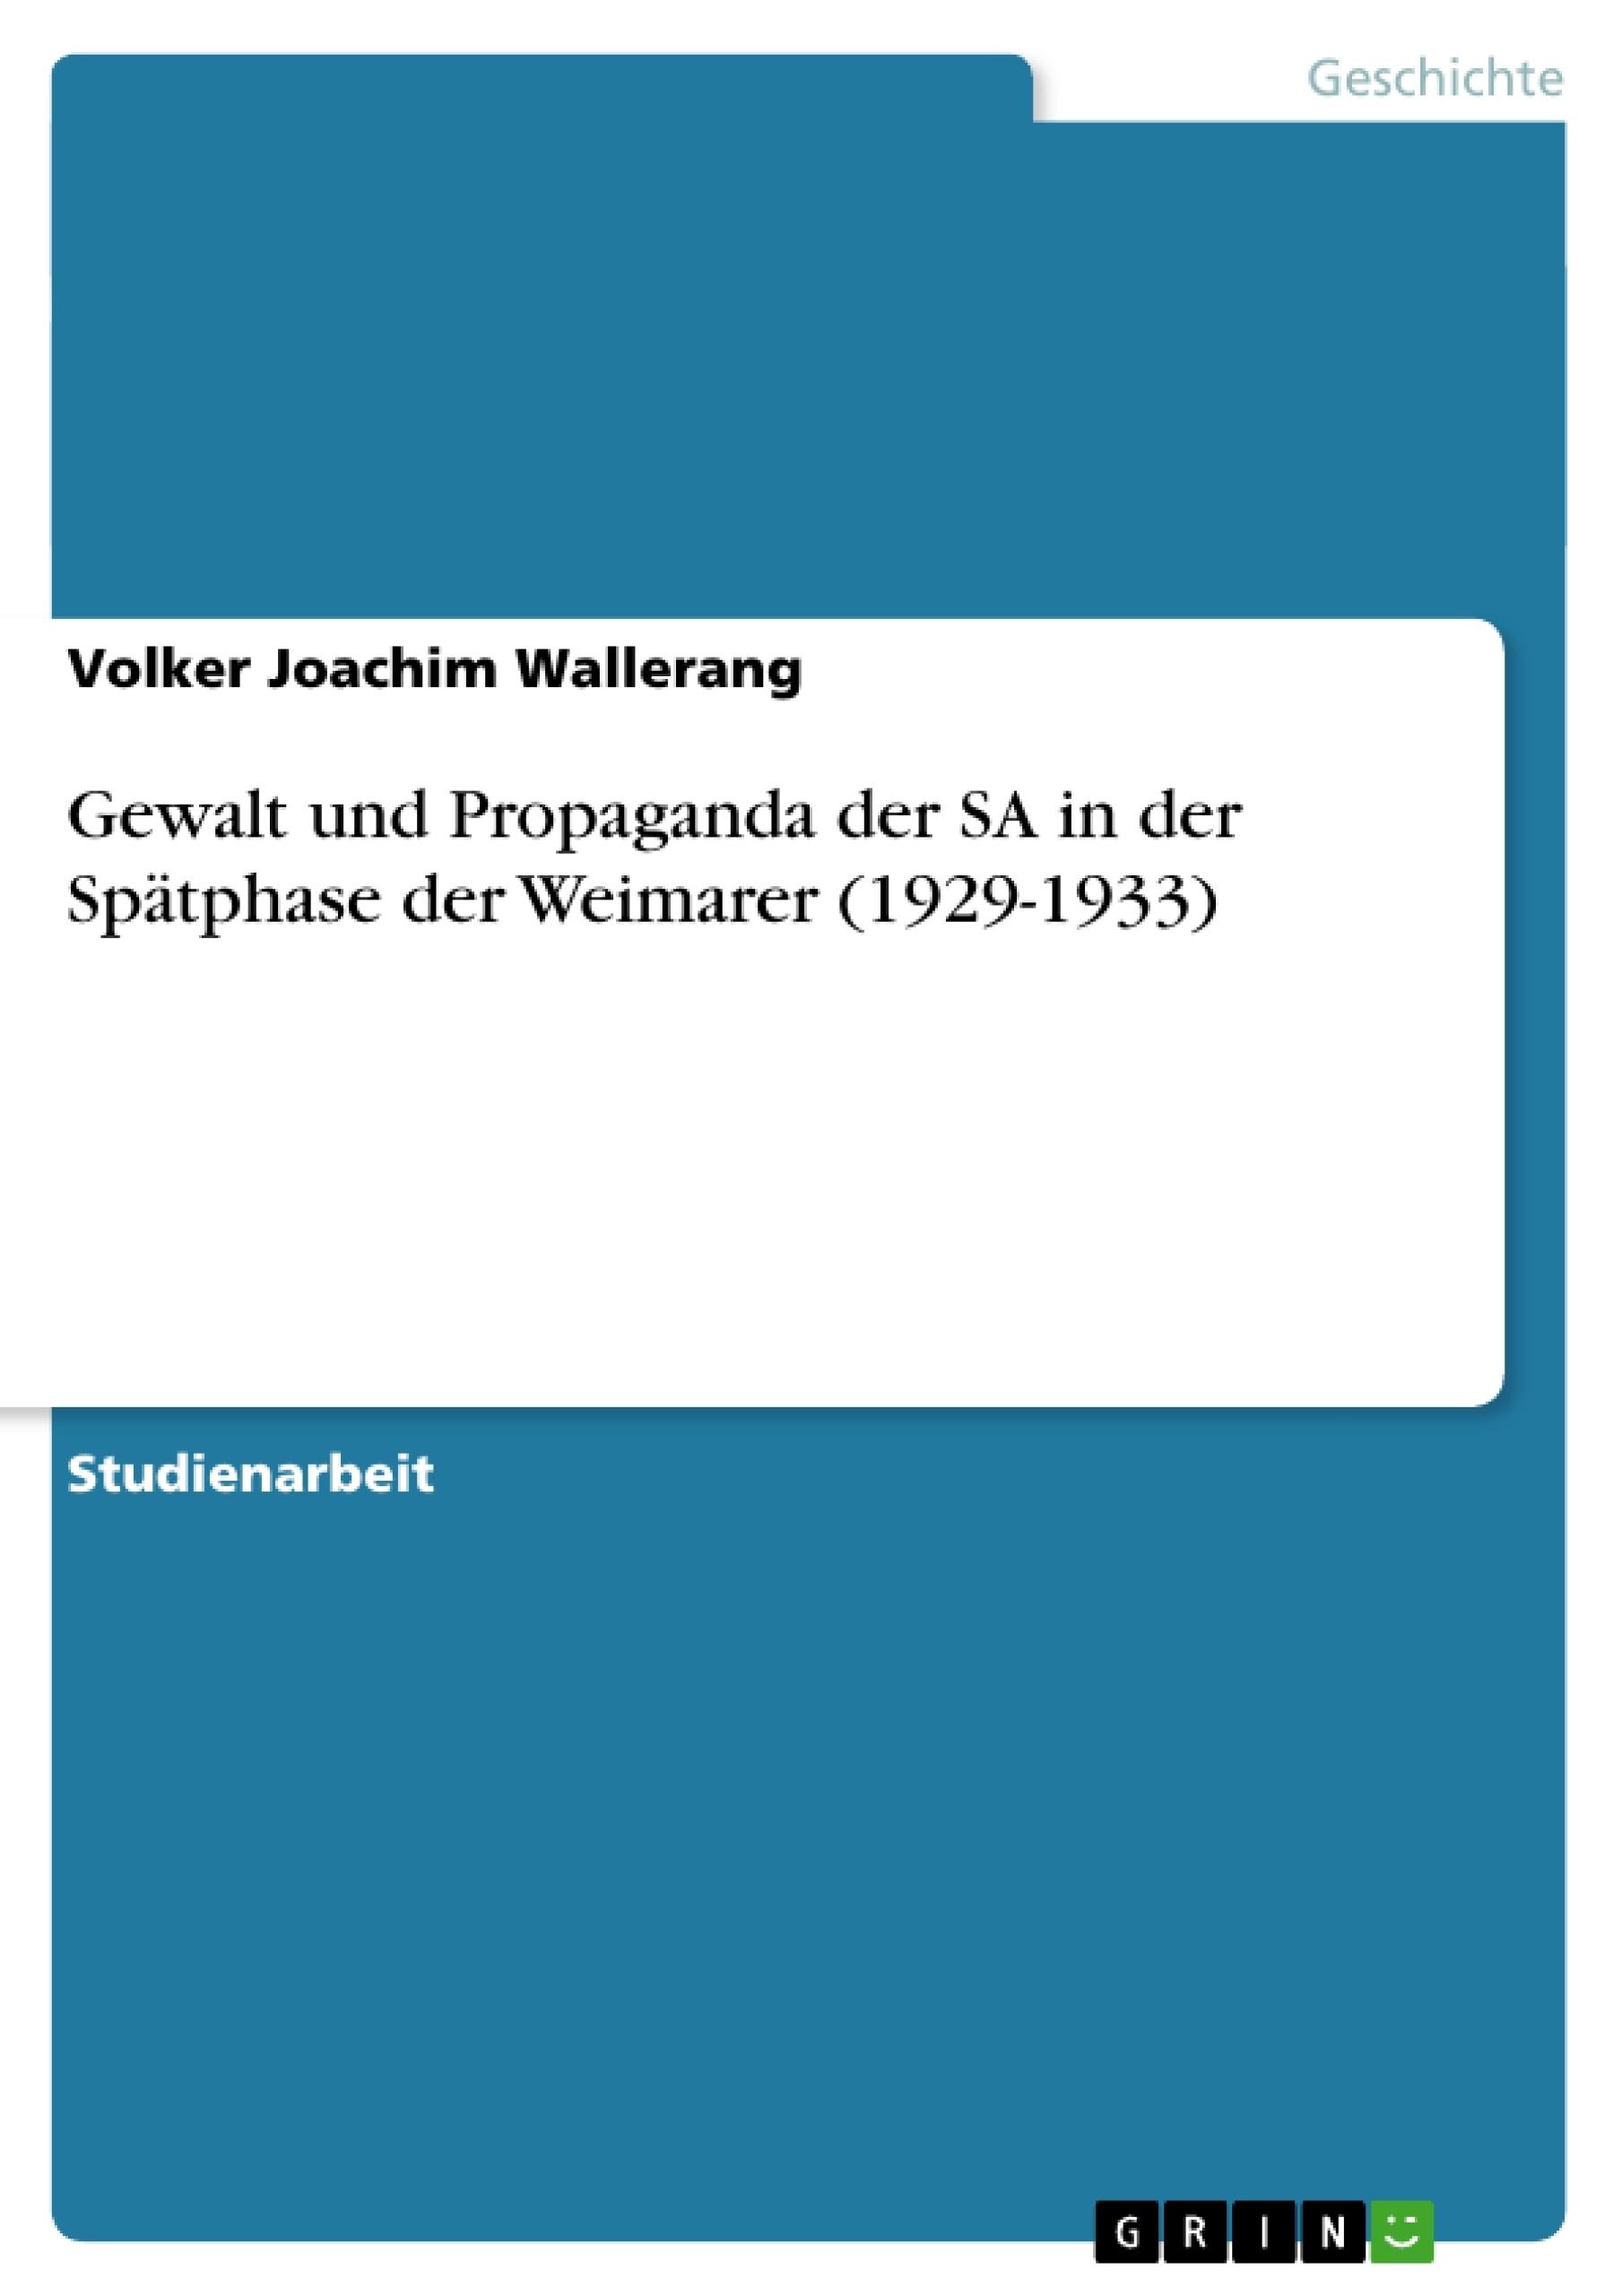 Titel: Gewalt und Propaganda der SA in der Spätphase der Weimarer (1929-1933)